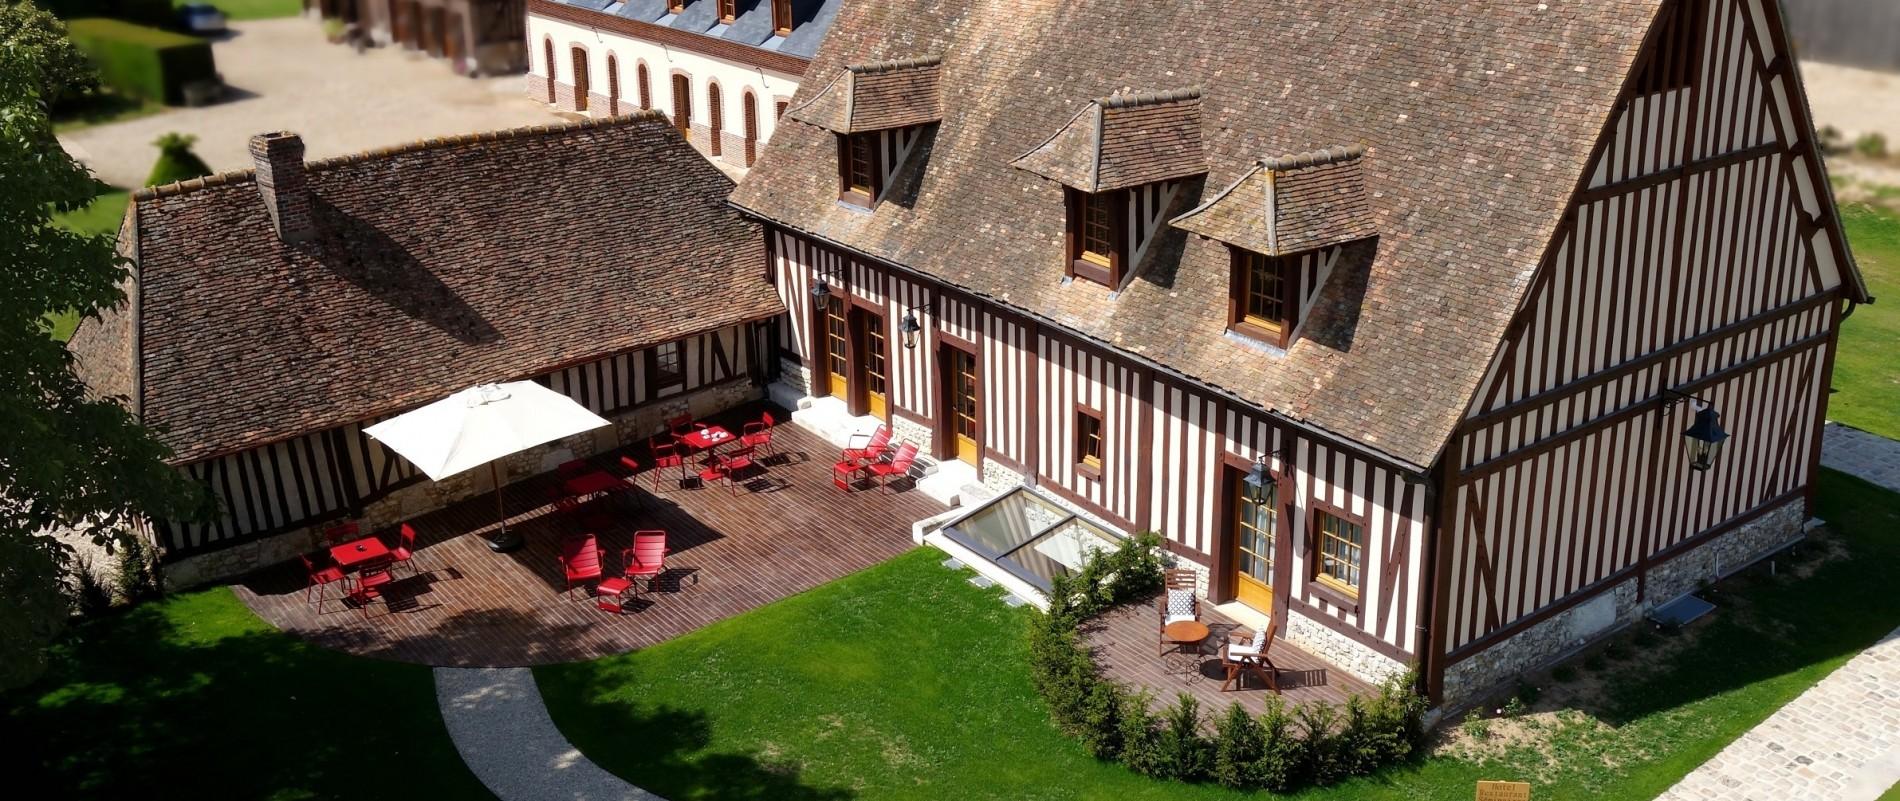 Manoir-de-Surville-terrasse-site-1900x801